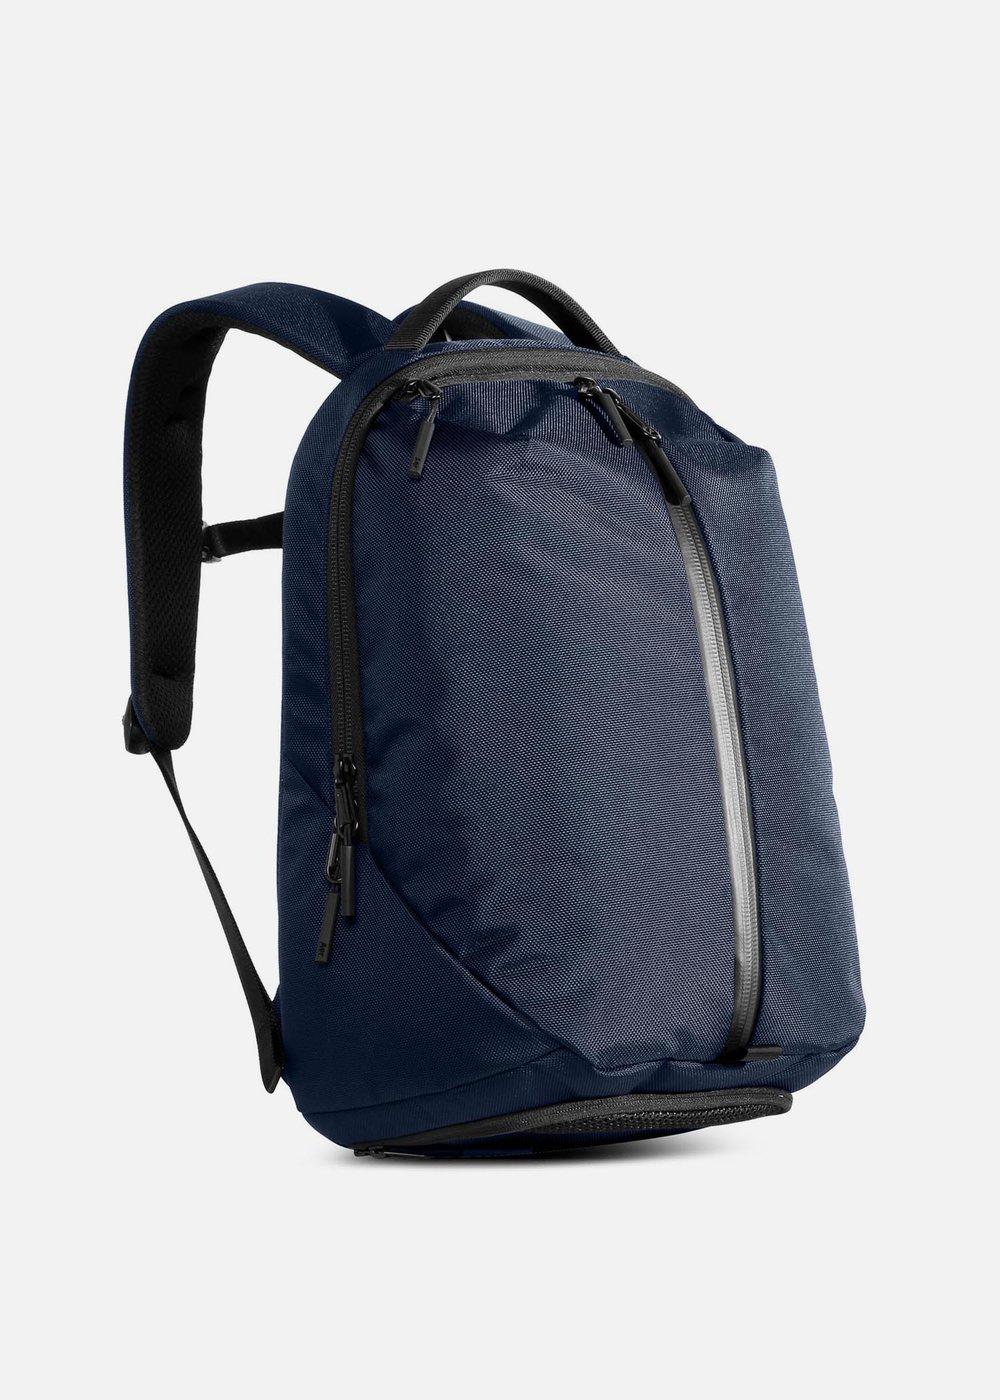 fit_pack_2_navy.JPG